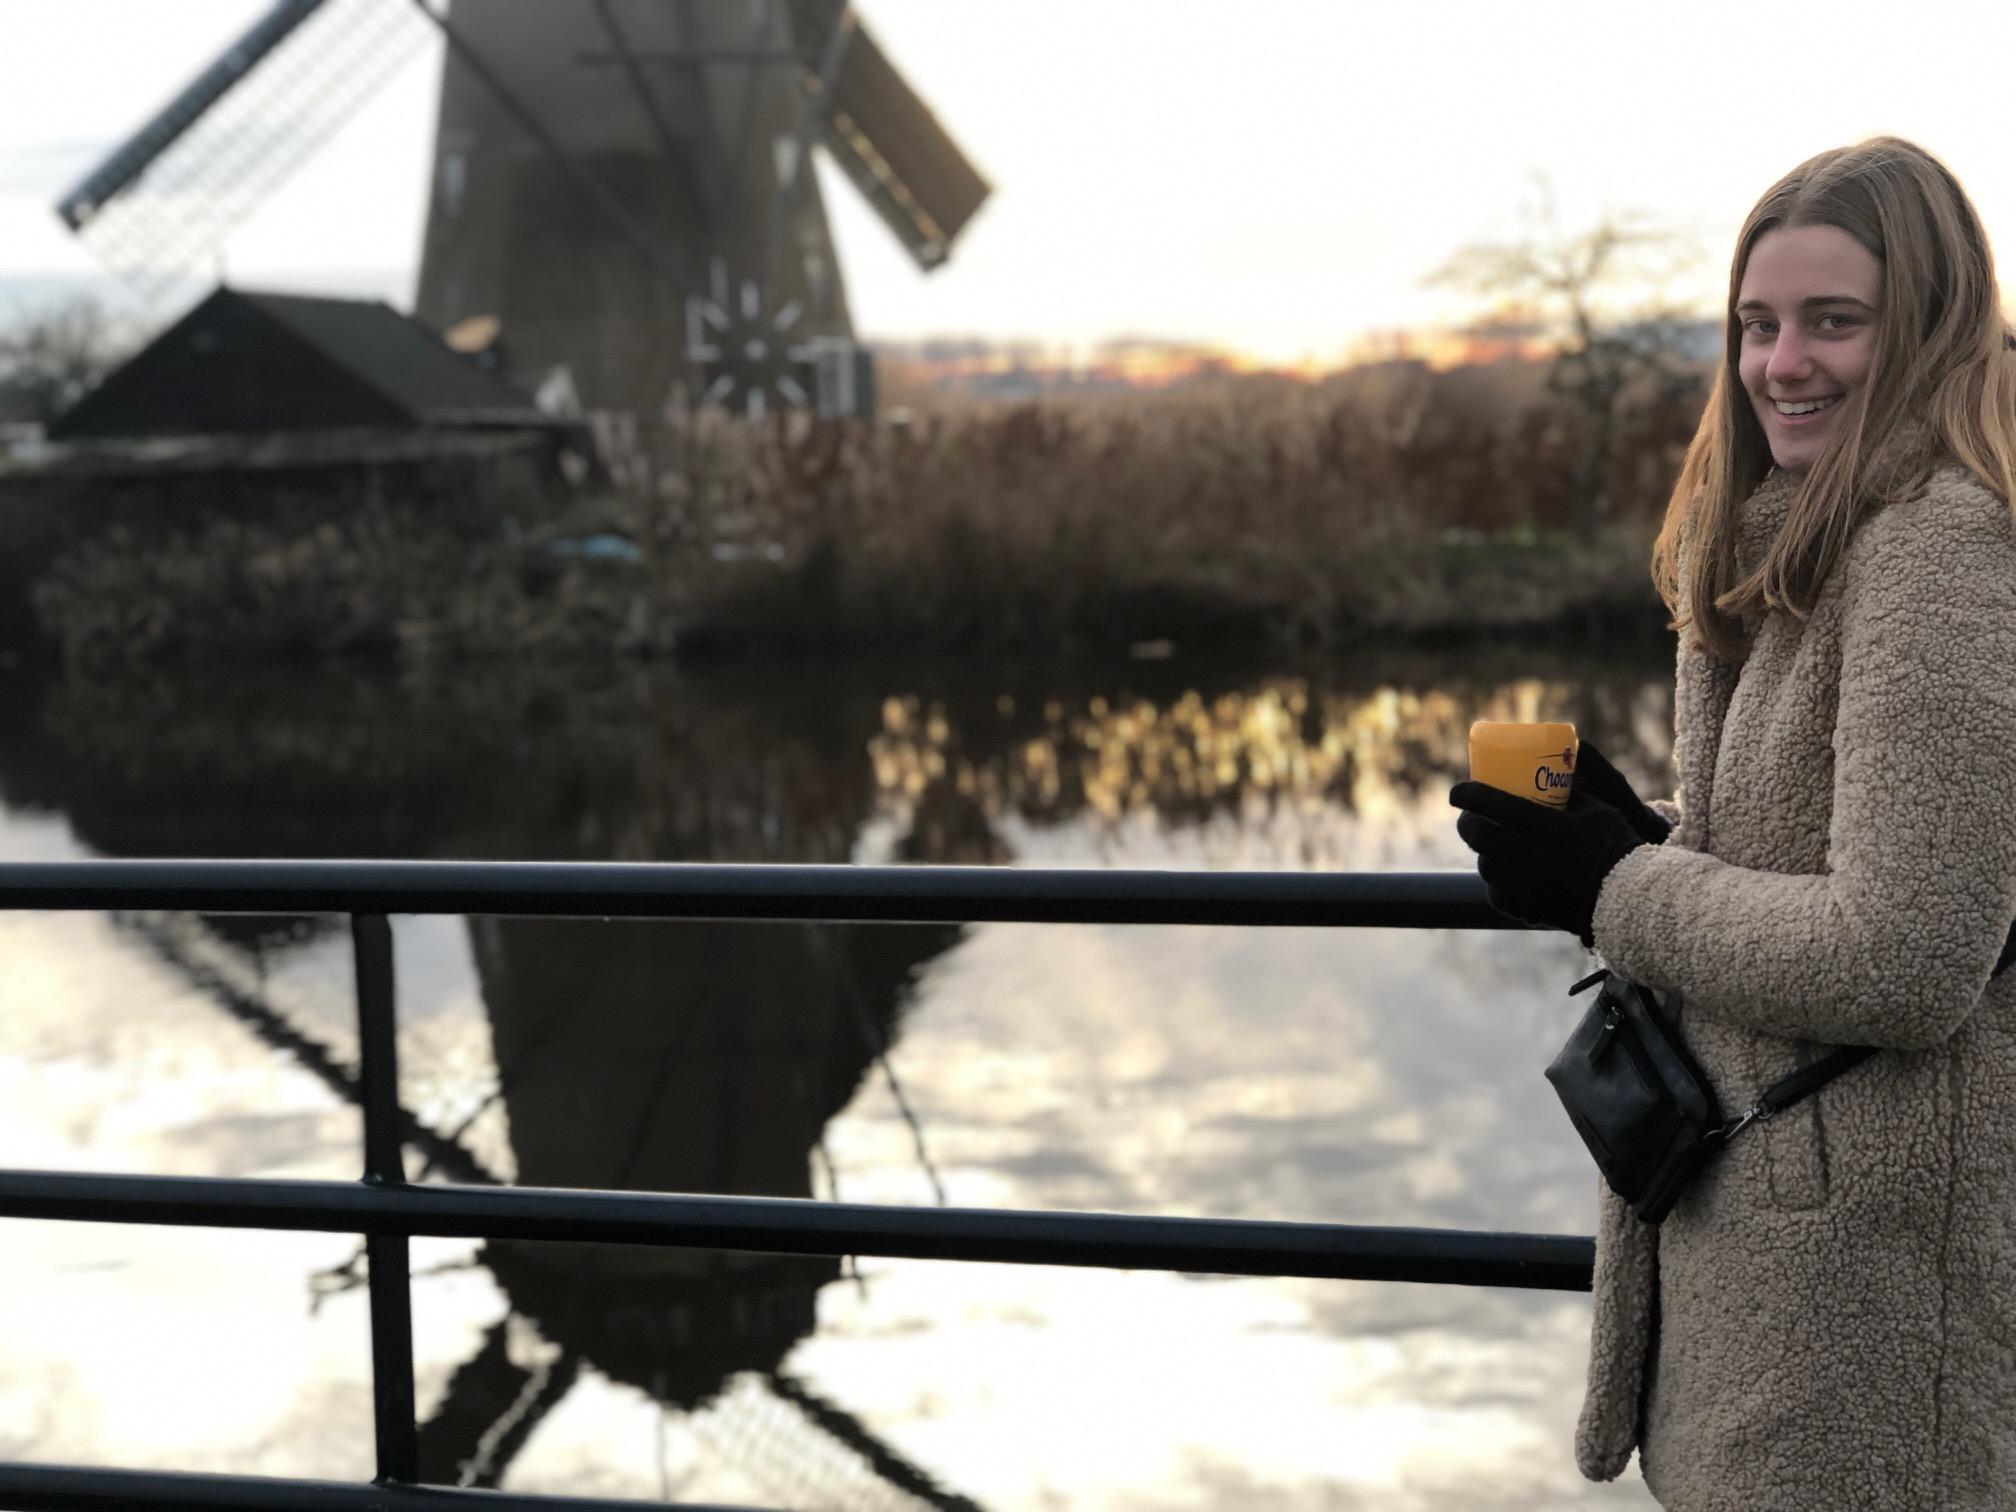 Toerist bij molen UNESCO Werelderfgoed Kinderdijk